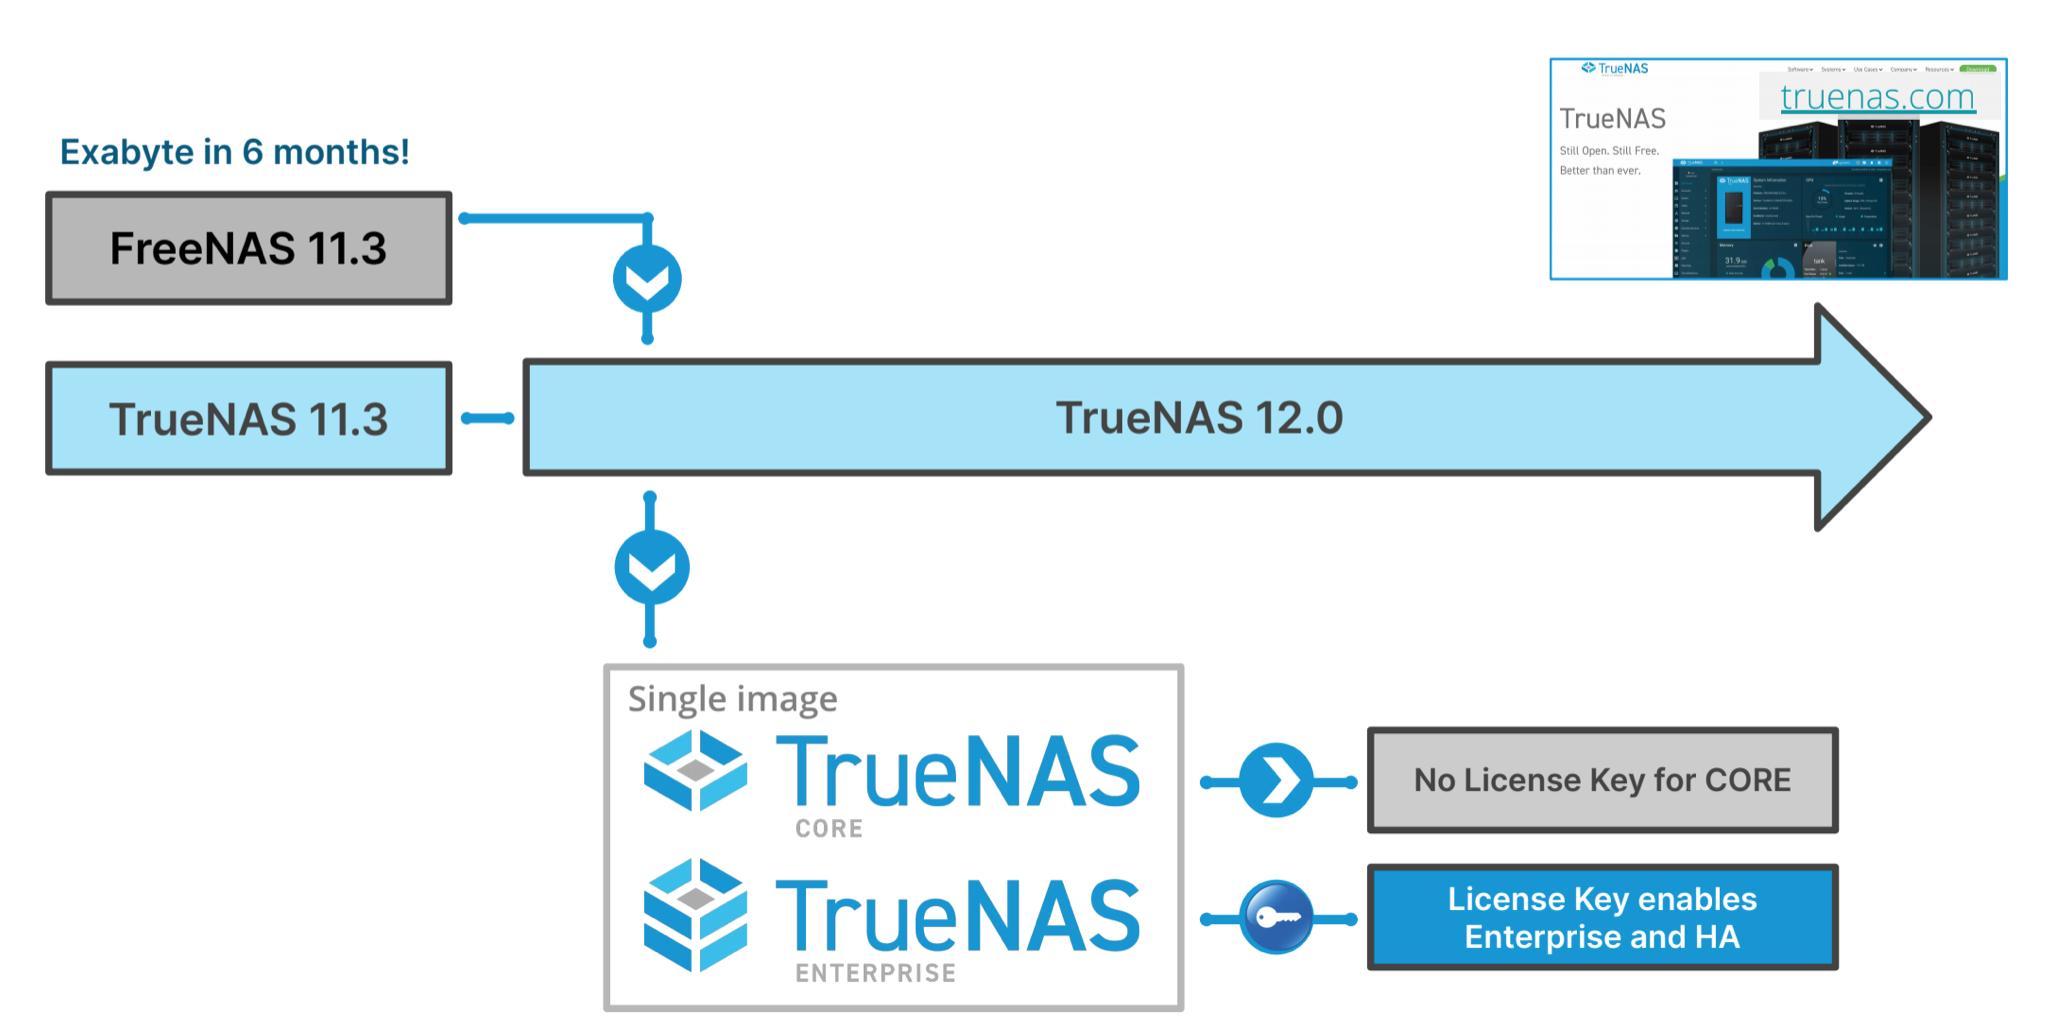 TrueNas 12.0